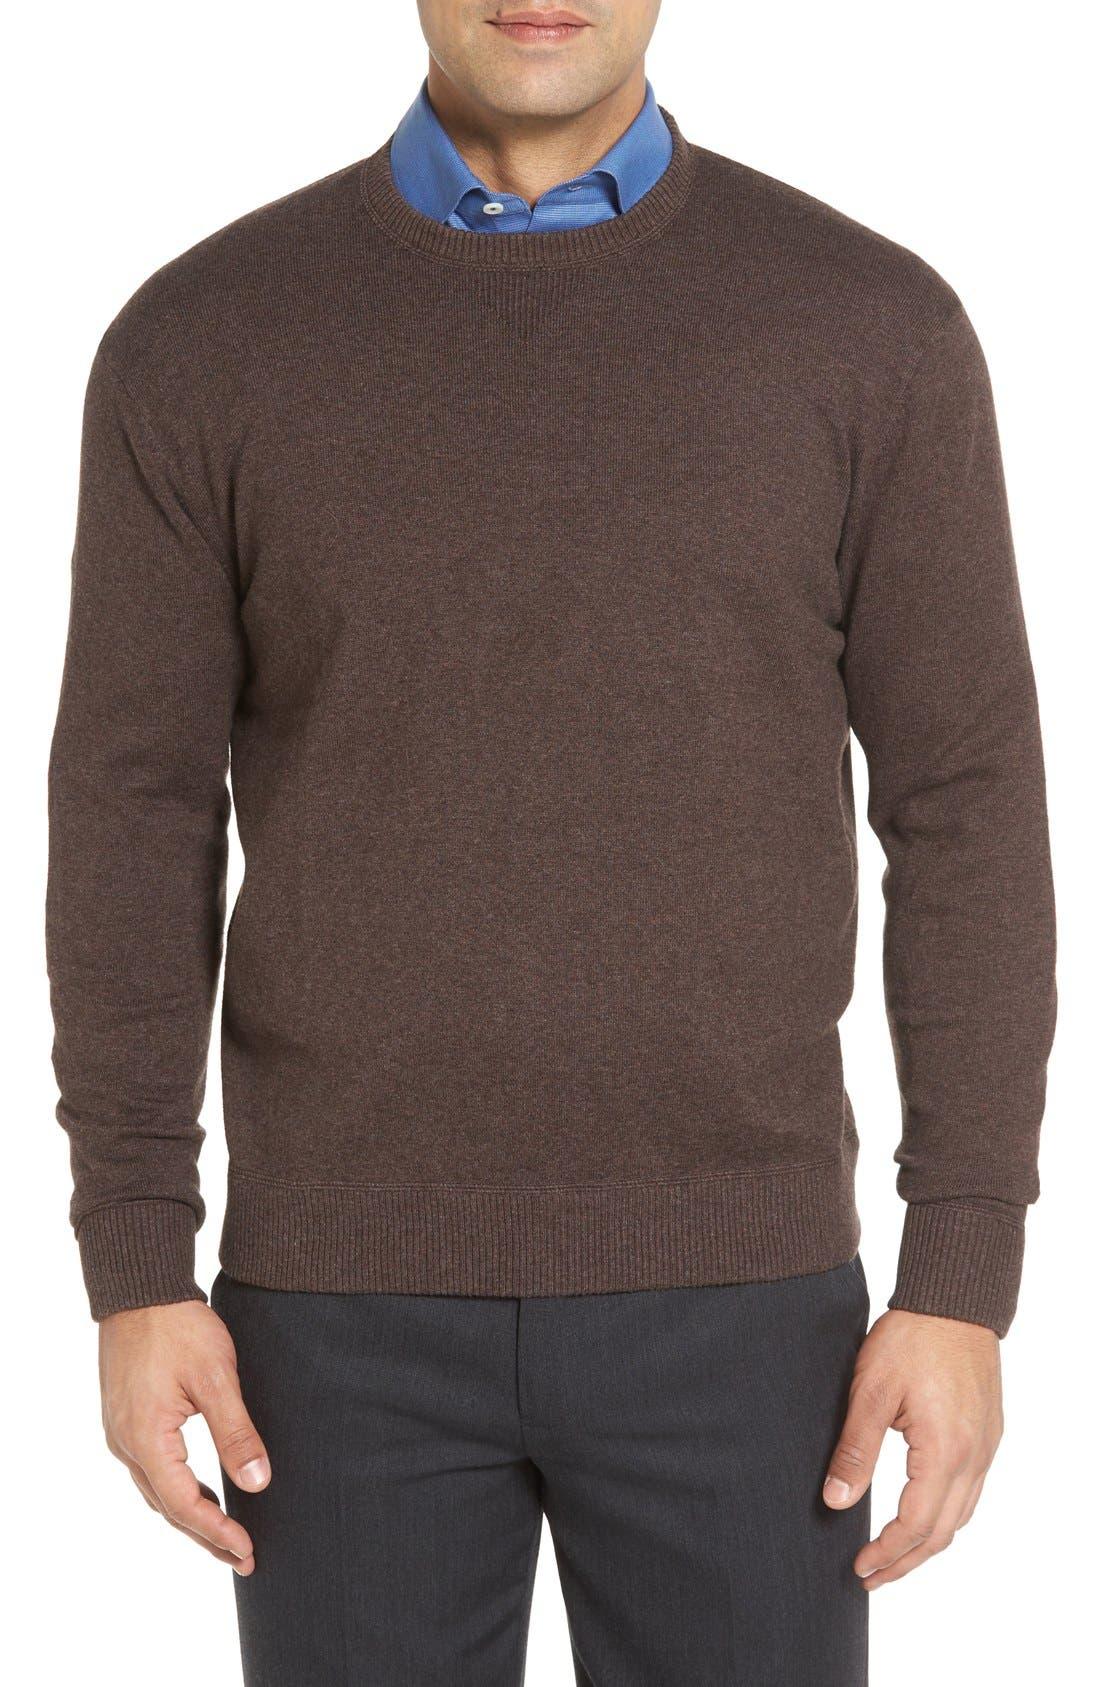 Main Image - Robert Talbott 'Jersey Sport' Cotton Blend Crewneck Sweater